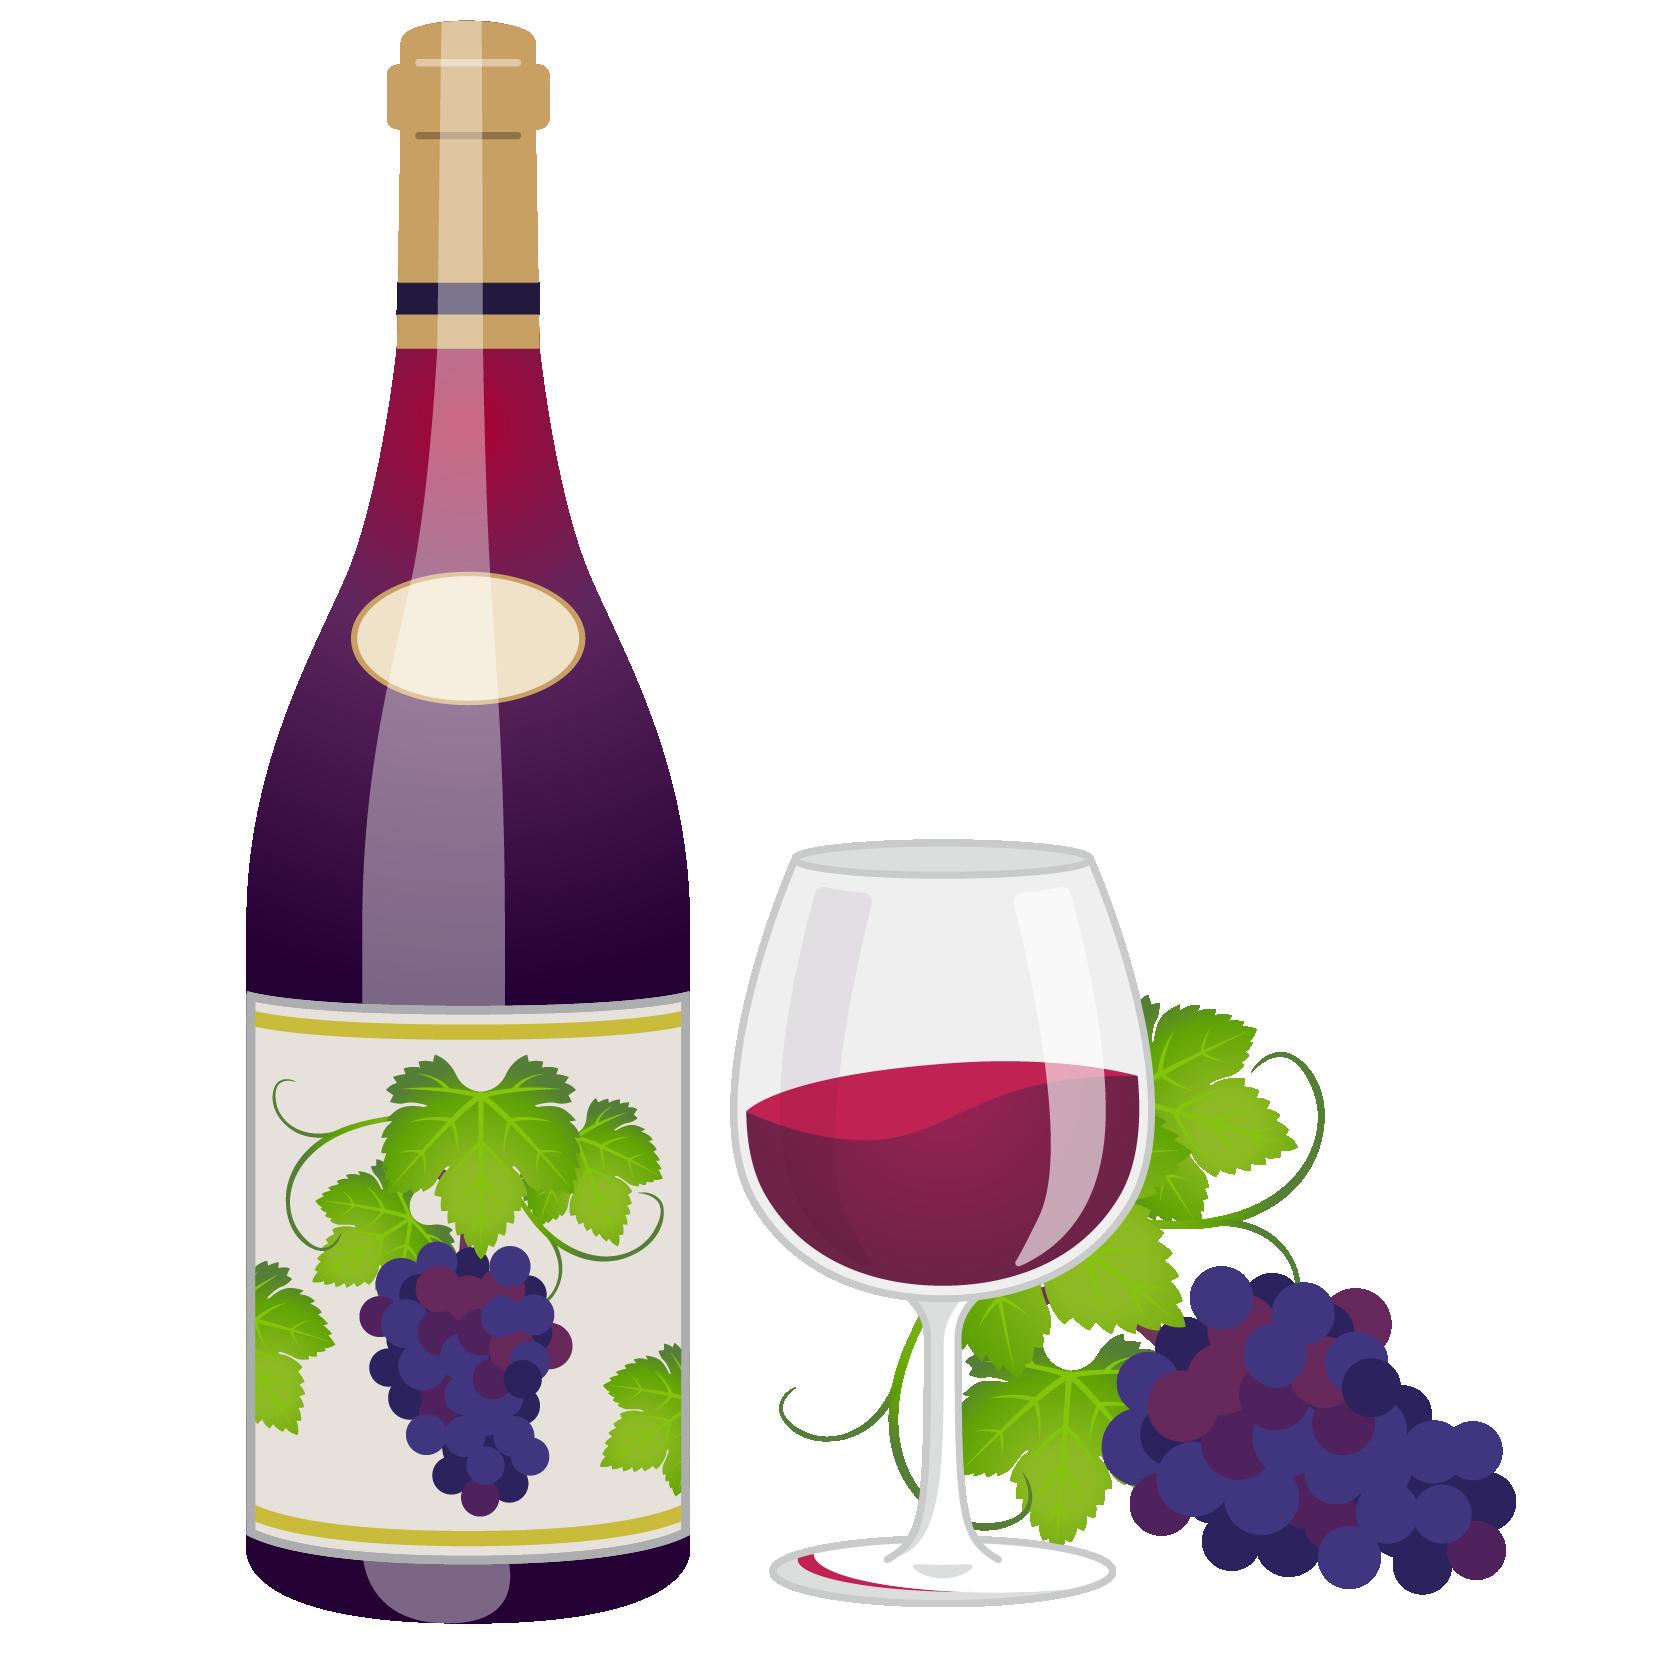 商用フリーイラスト_11月_ボジョレーヌーボー_ワイン_赤_ボトル&グラス01_Beaujolais Nouveau